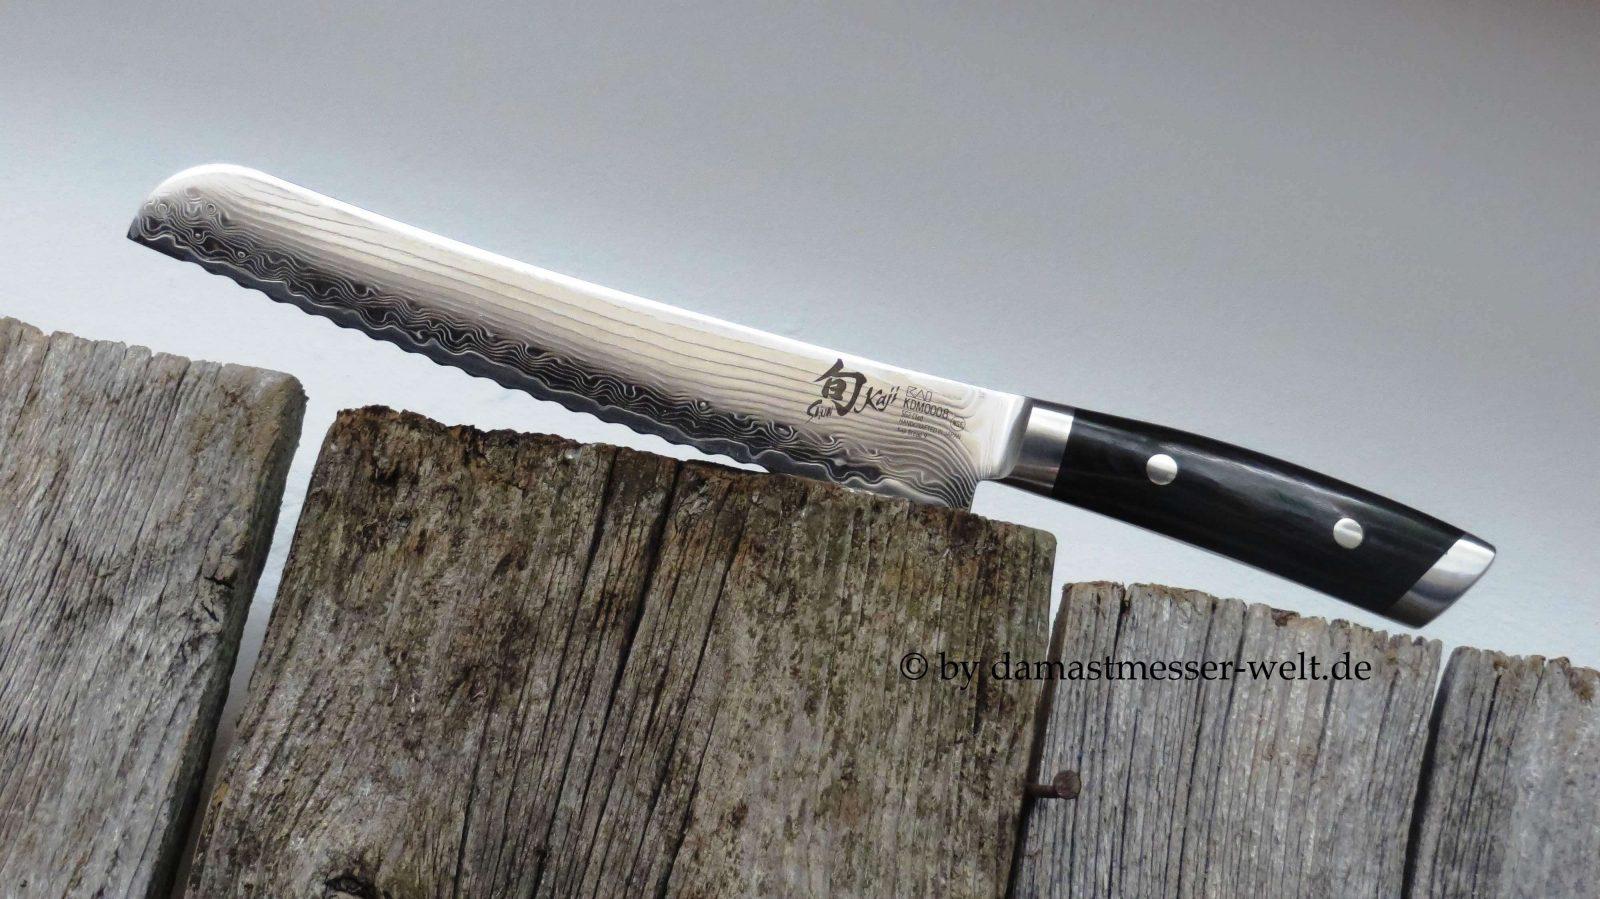 Damastmesser Kai Europe Brotmesser Bild für Startseite